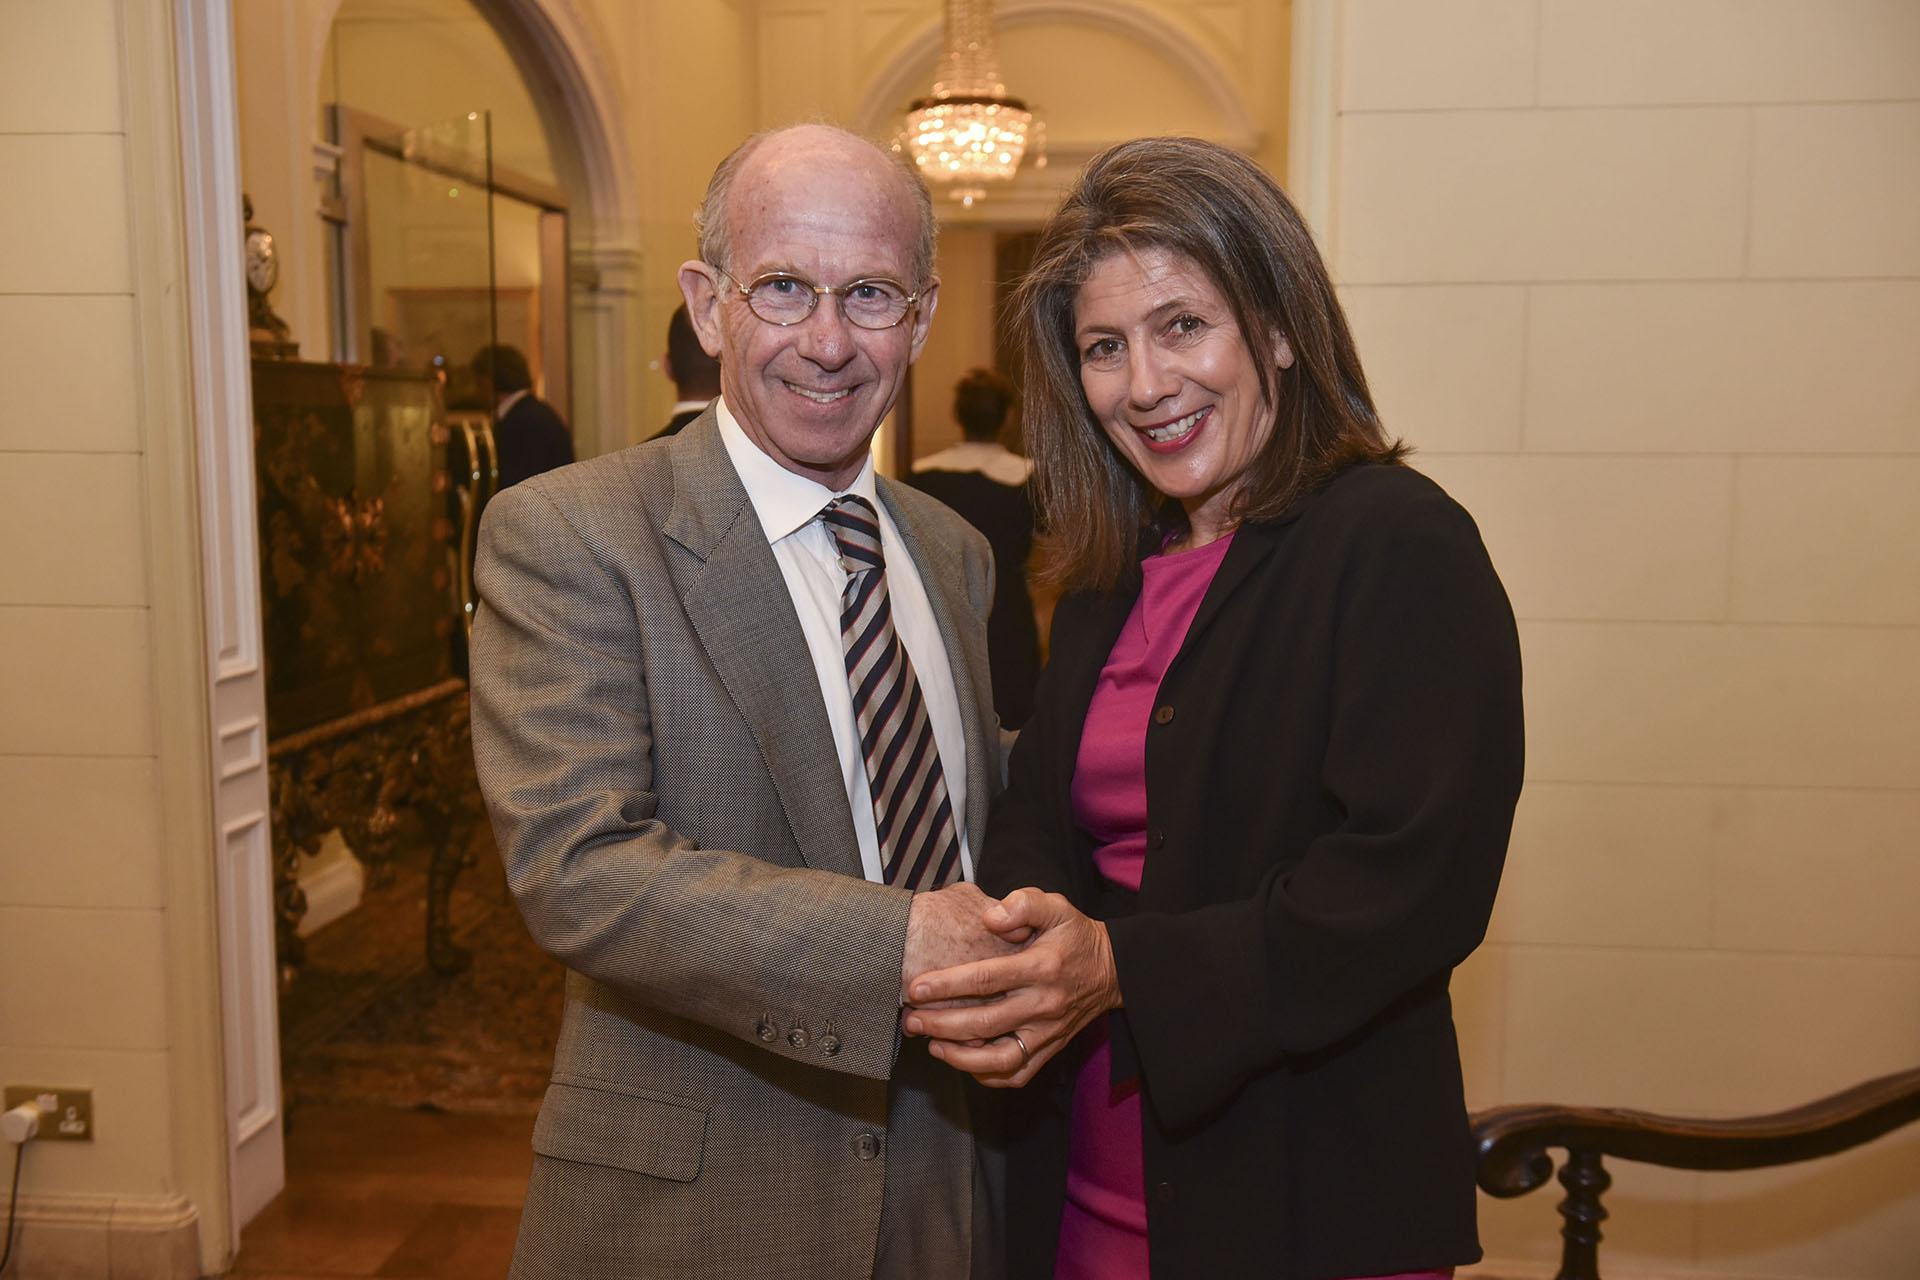 Jorge Mandelbaum, presidente del Consejo de Administración de CIPPEC, y Martine Kent